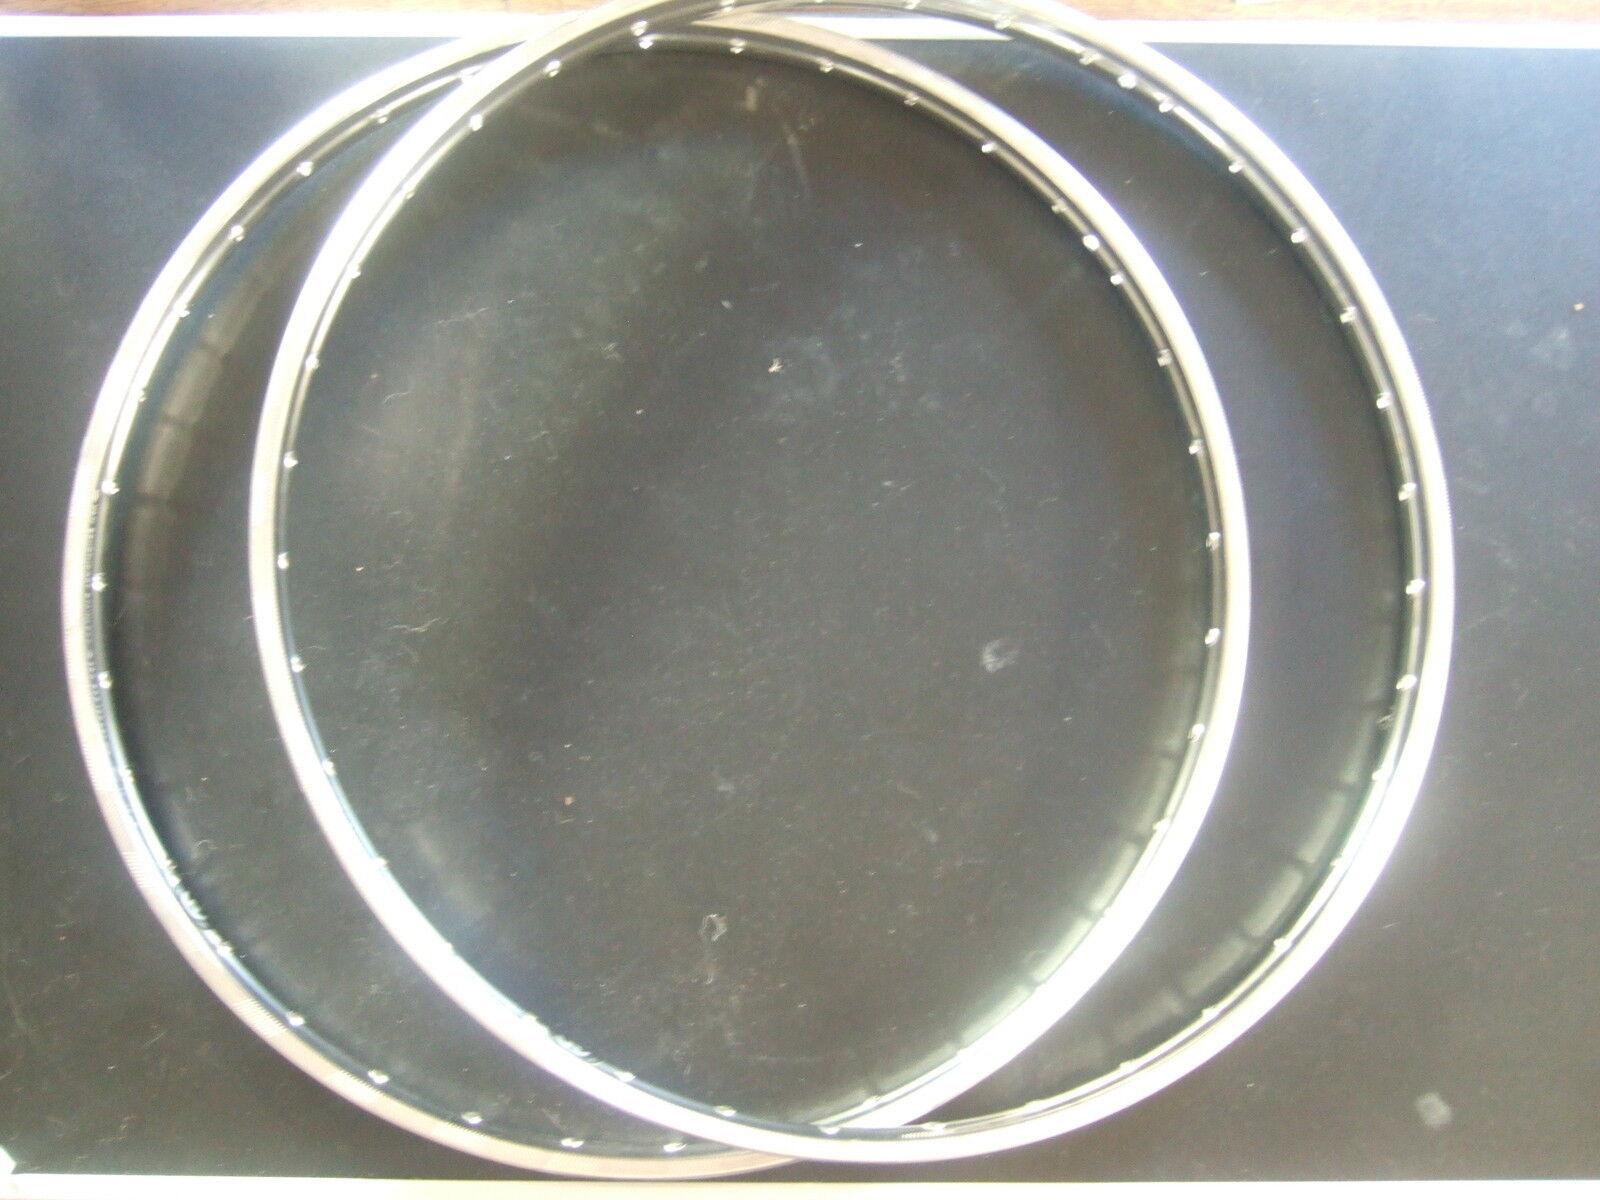 Niro edelstahlfelgen 28x1,75 , 36 loch mit westwood profil , 4,2mm loch, 2x neu